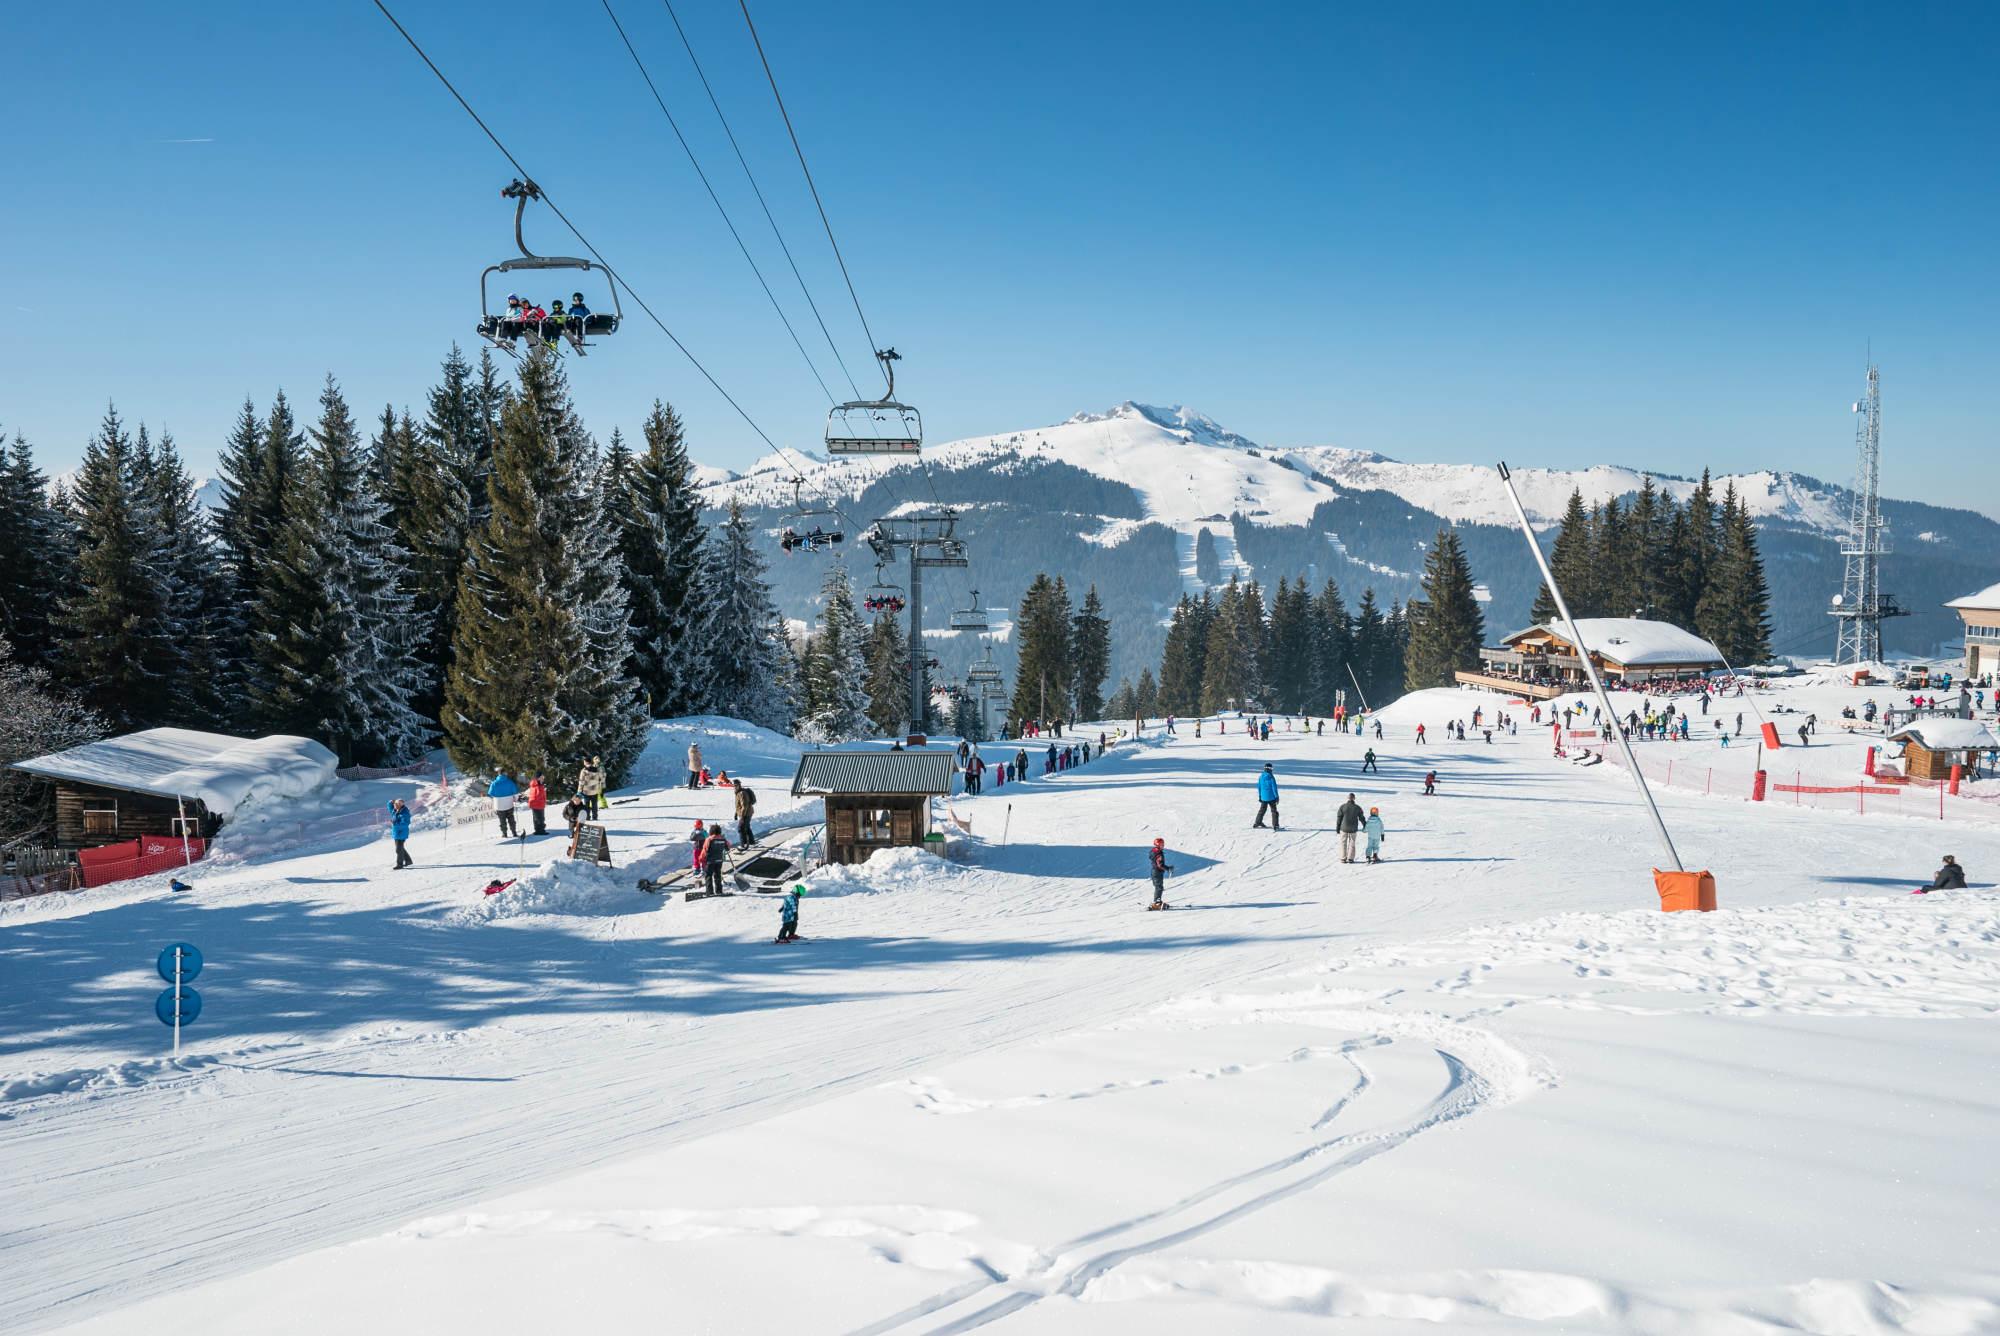 La zone débutants Les Mappys dans la station de ski Les Gets.